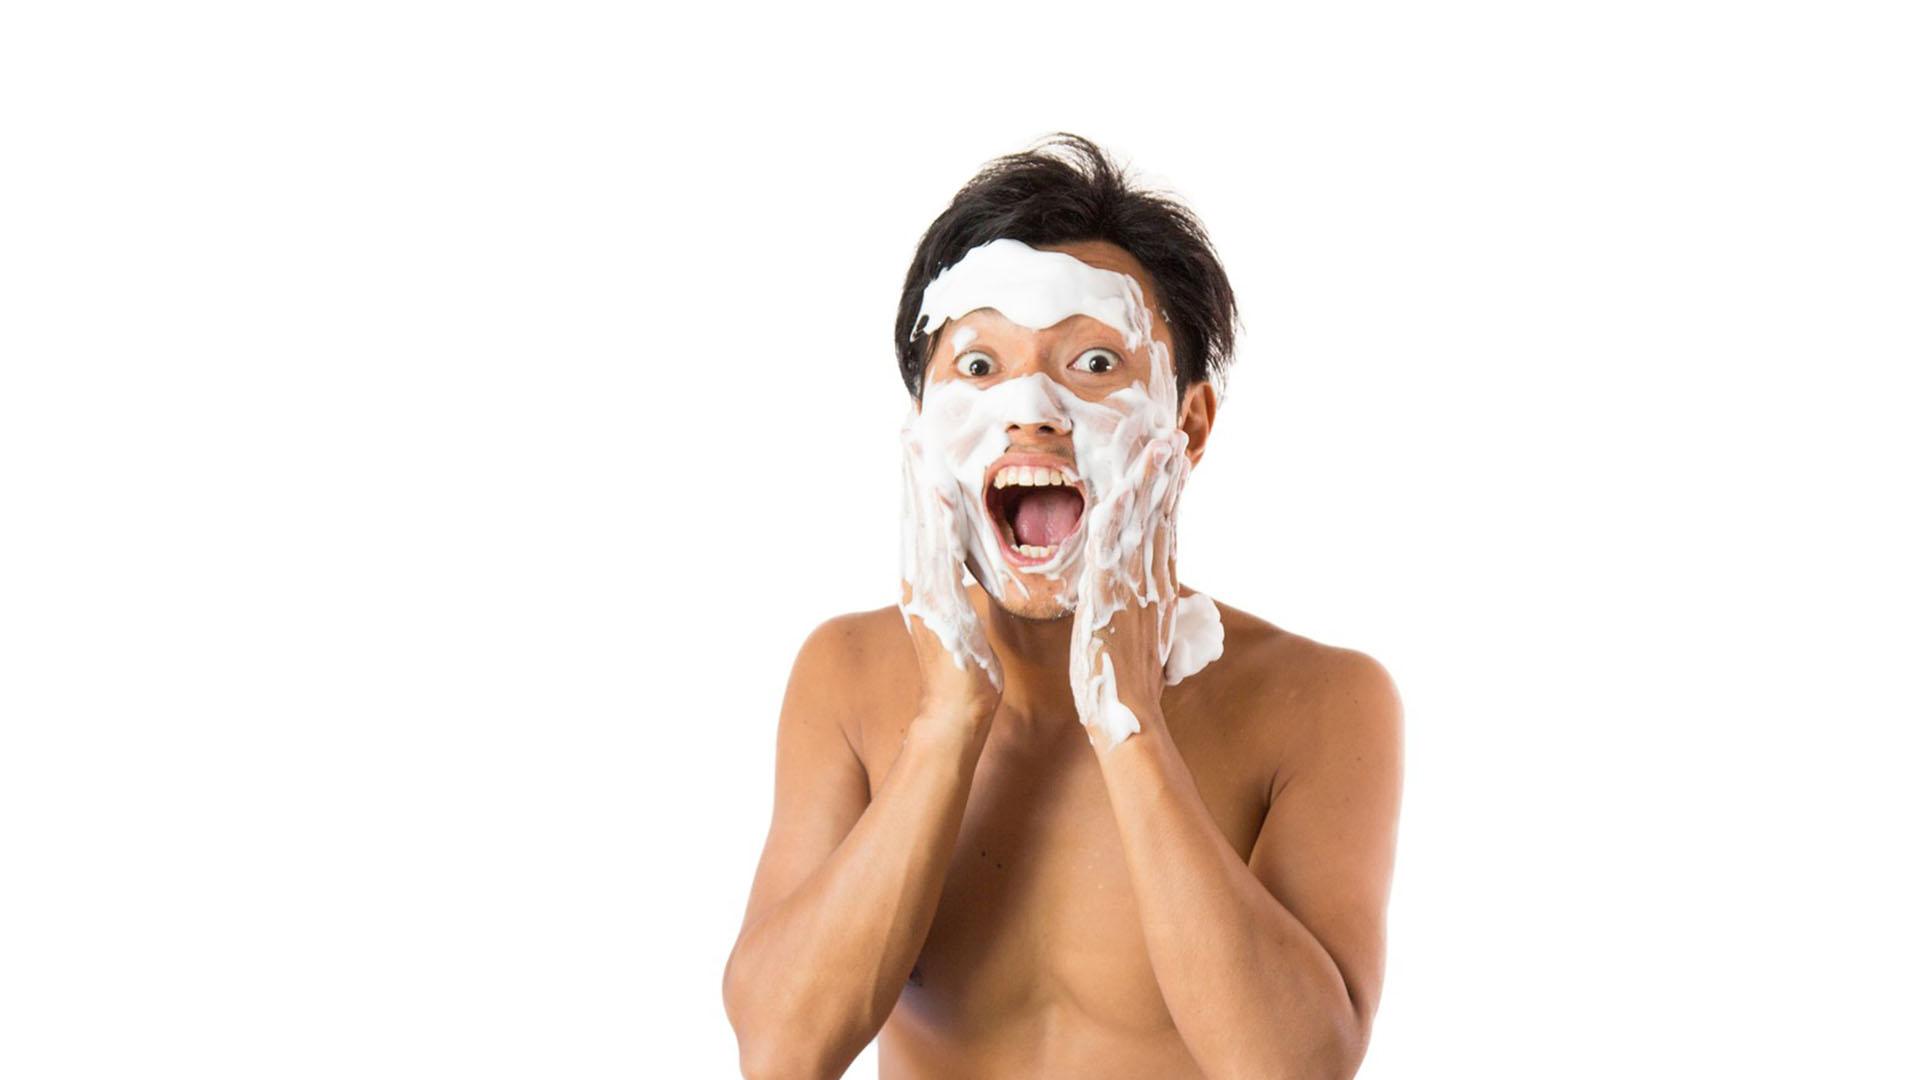 【メンズ】正しい洗顔のやり方とは?ゴシゴシ洗うのはNGです!